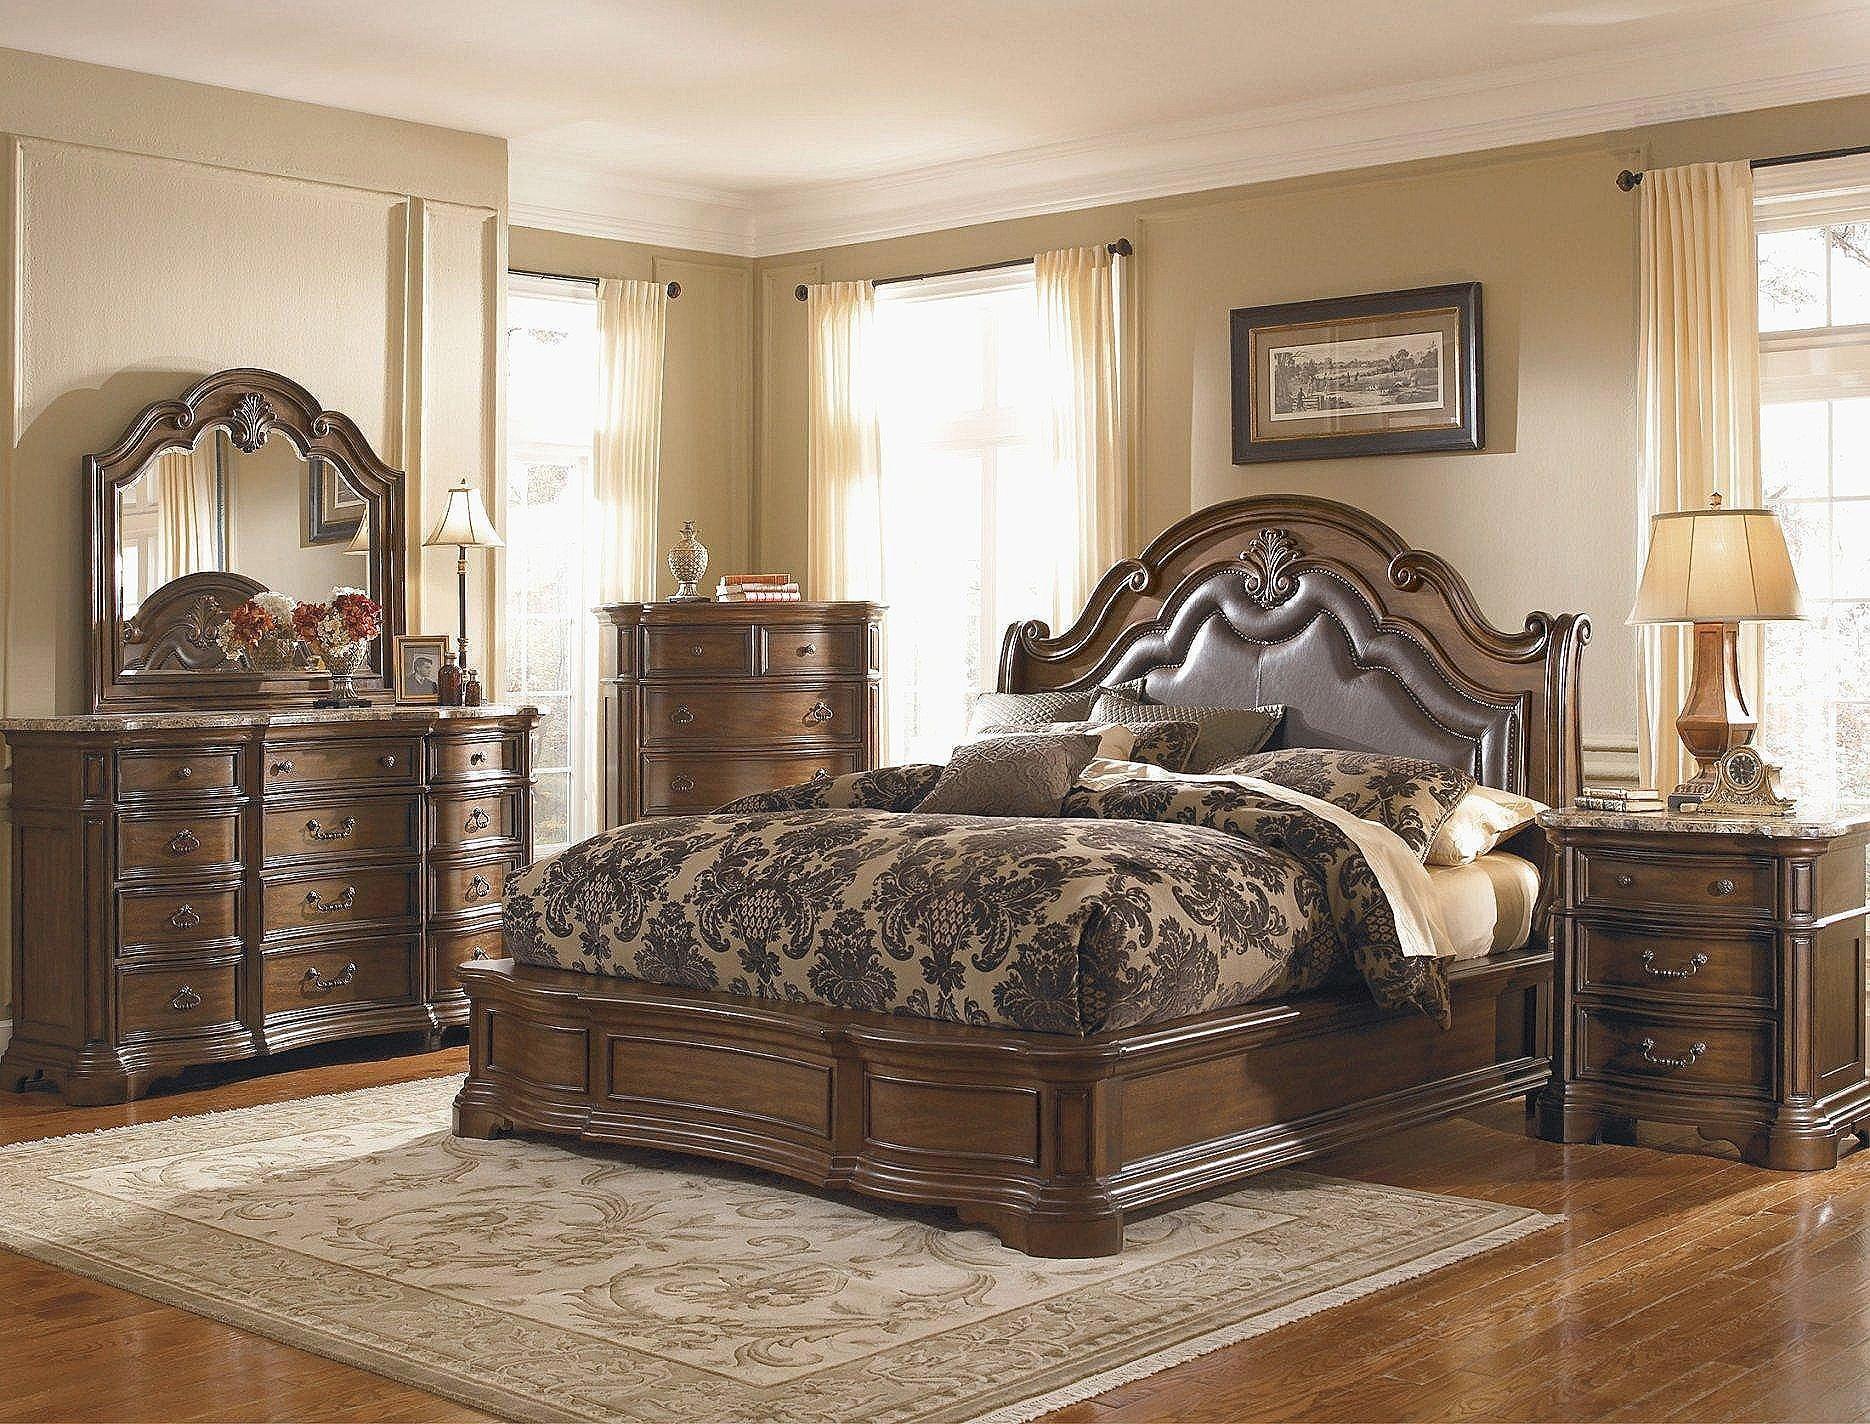 fresh full size bedroom furniture sets